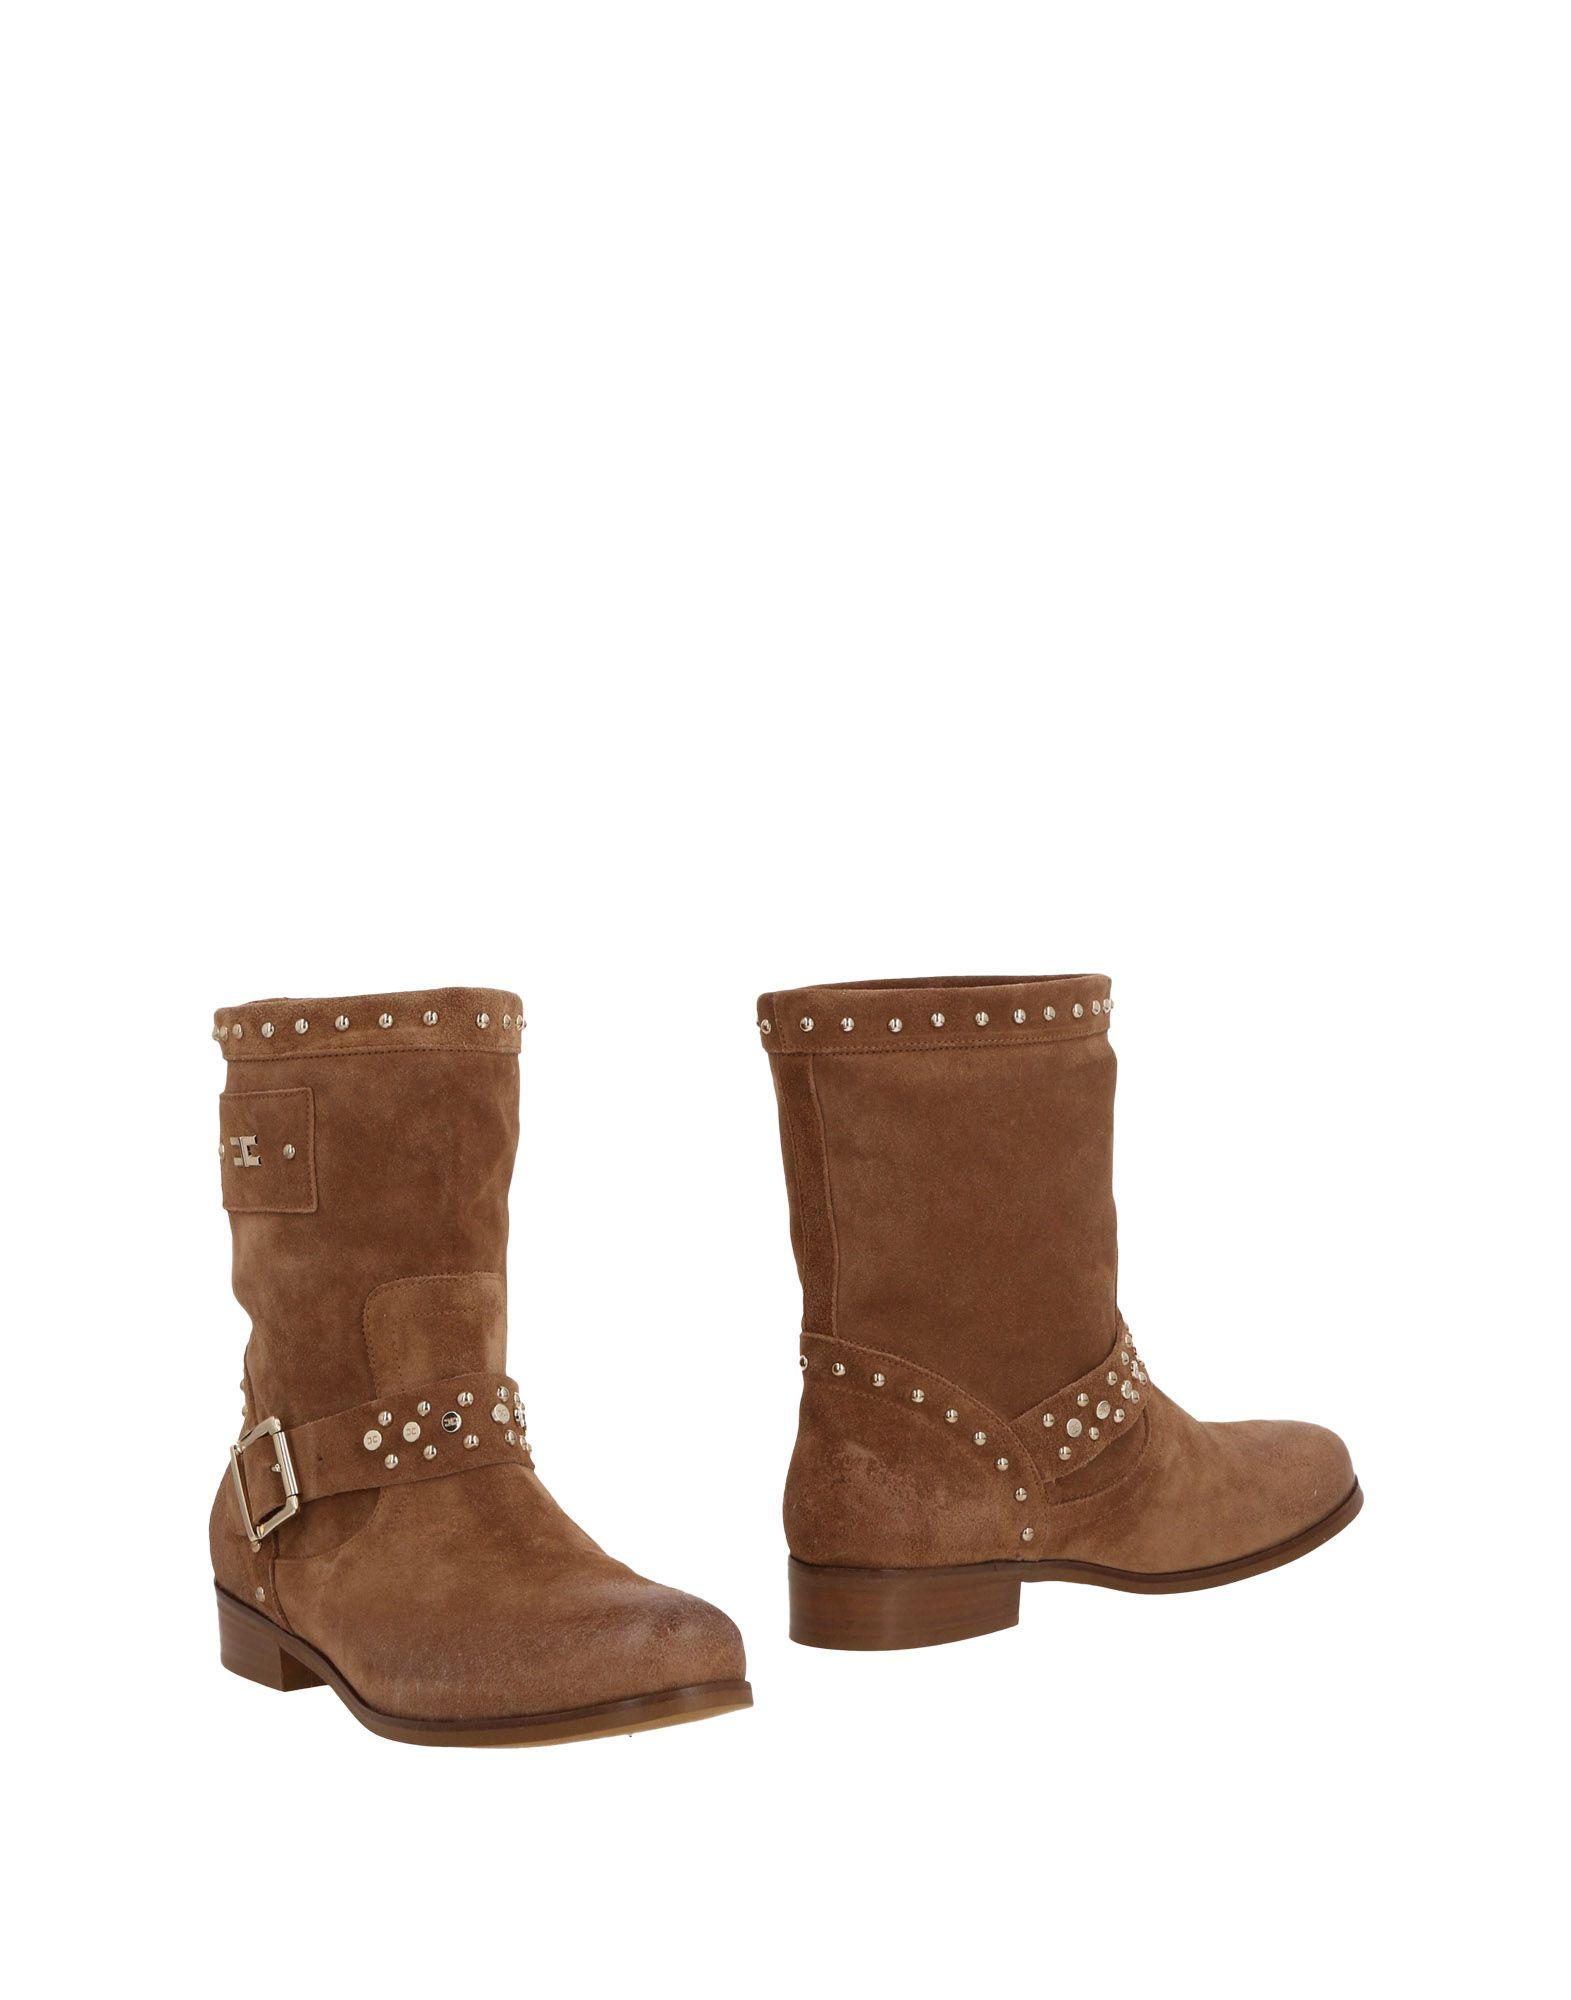 Elisabetta Franchi Stiefelette Damen  11482239JUGut aussehende strapazierfähige Schuhe